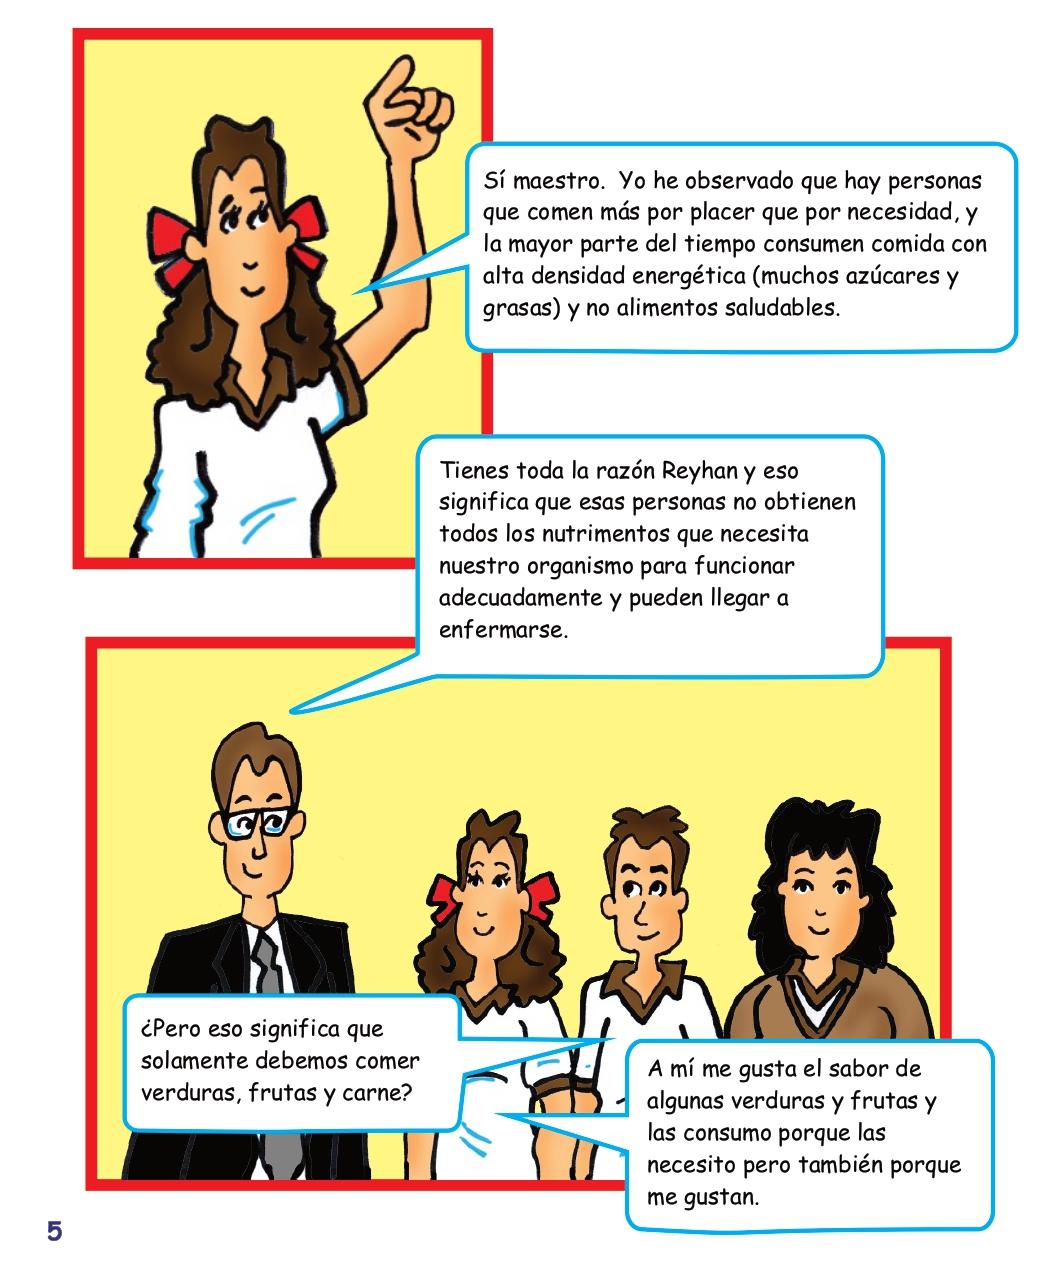 Psicología adolescentes Reyhan cap1 digital_page-0008